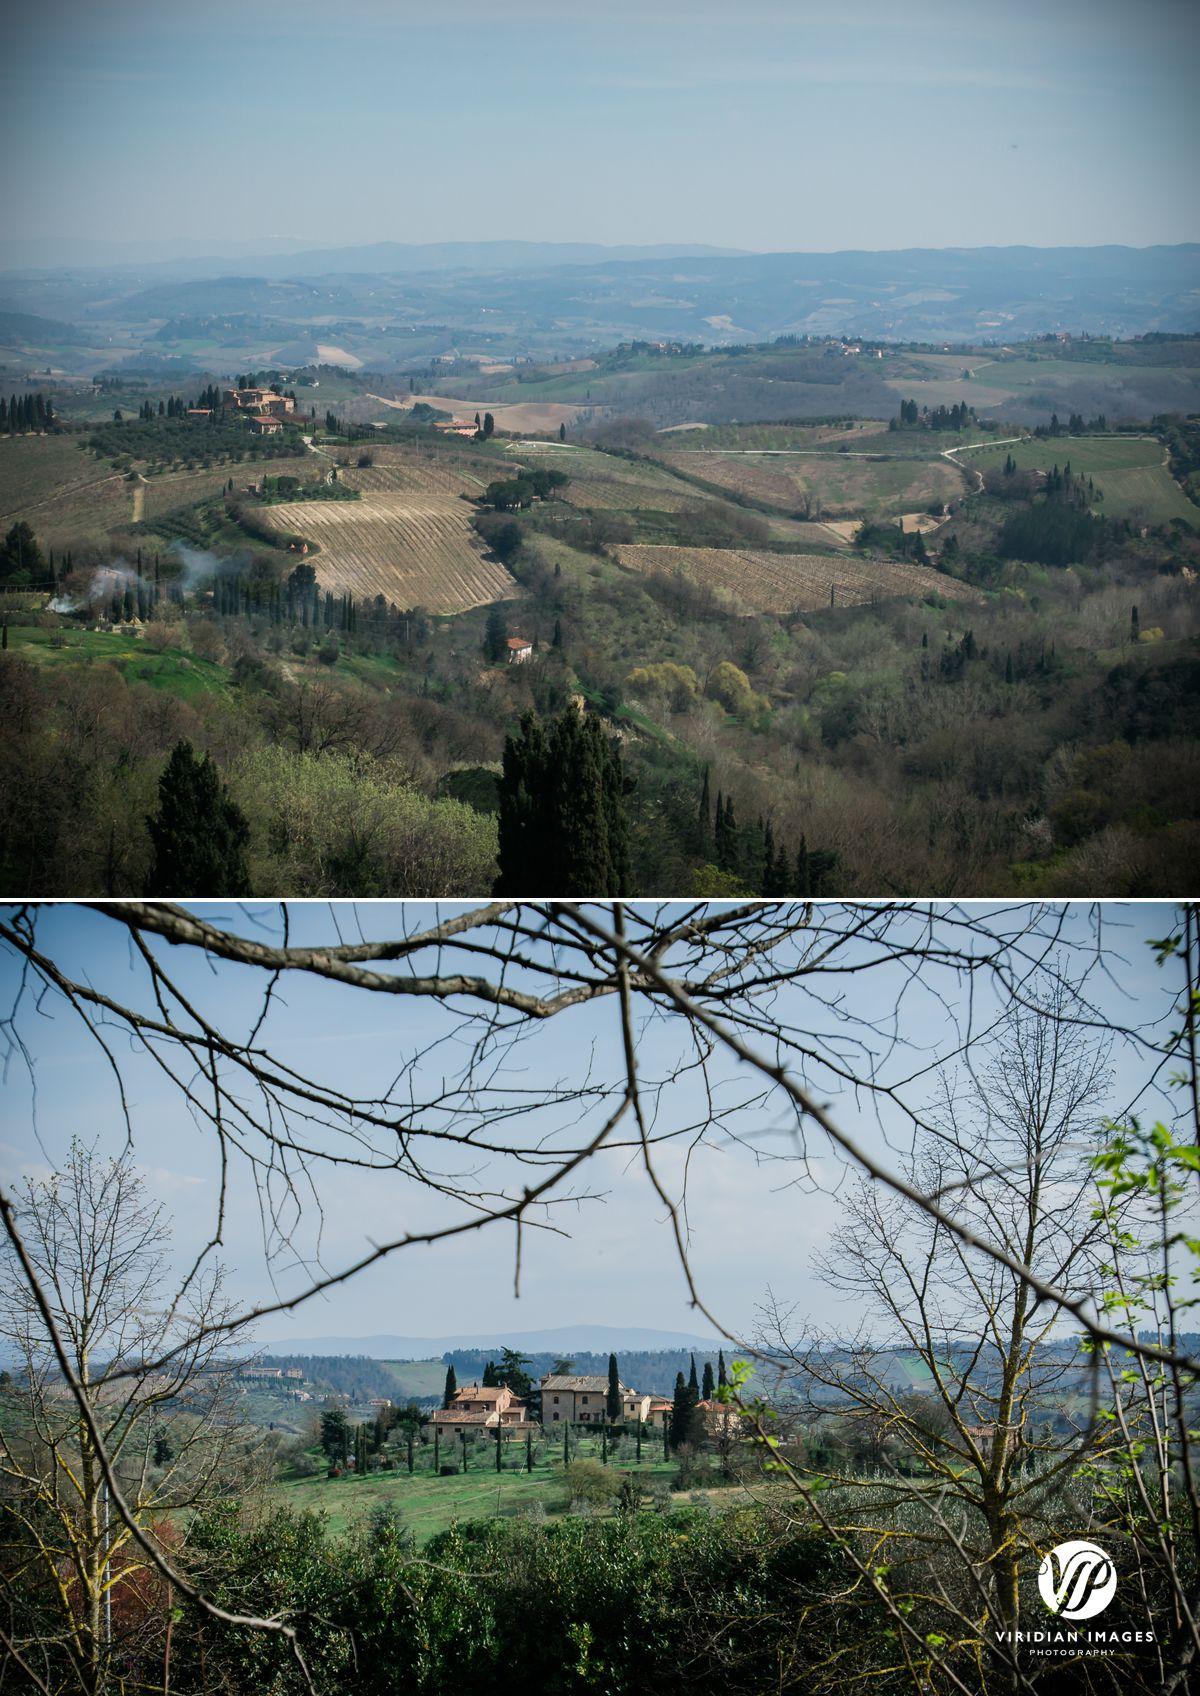 Italy-Tuscany-San-Gimignano-landscape-Viridian-Images-Photography-photo 7